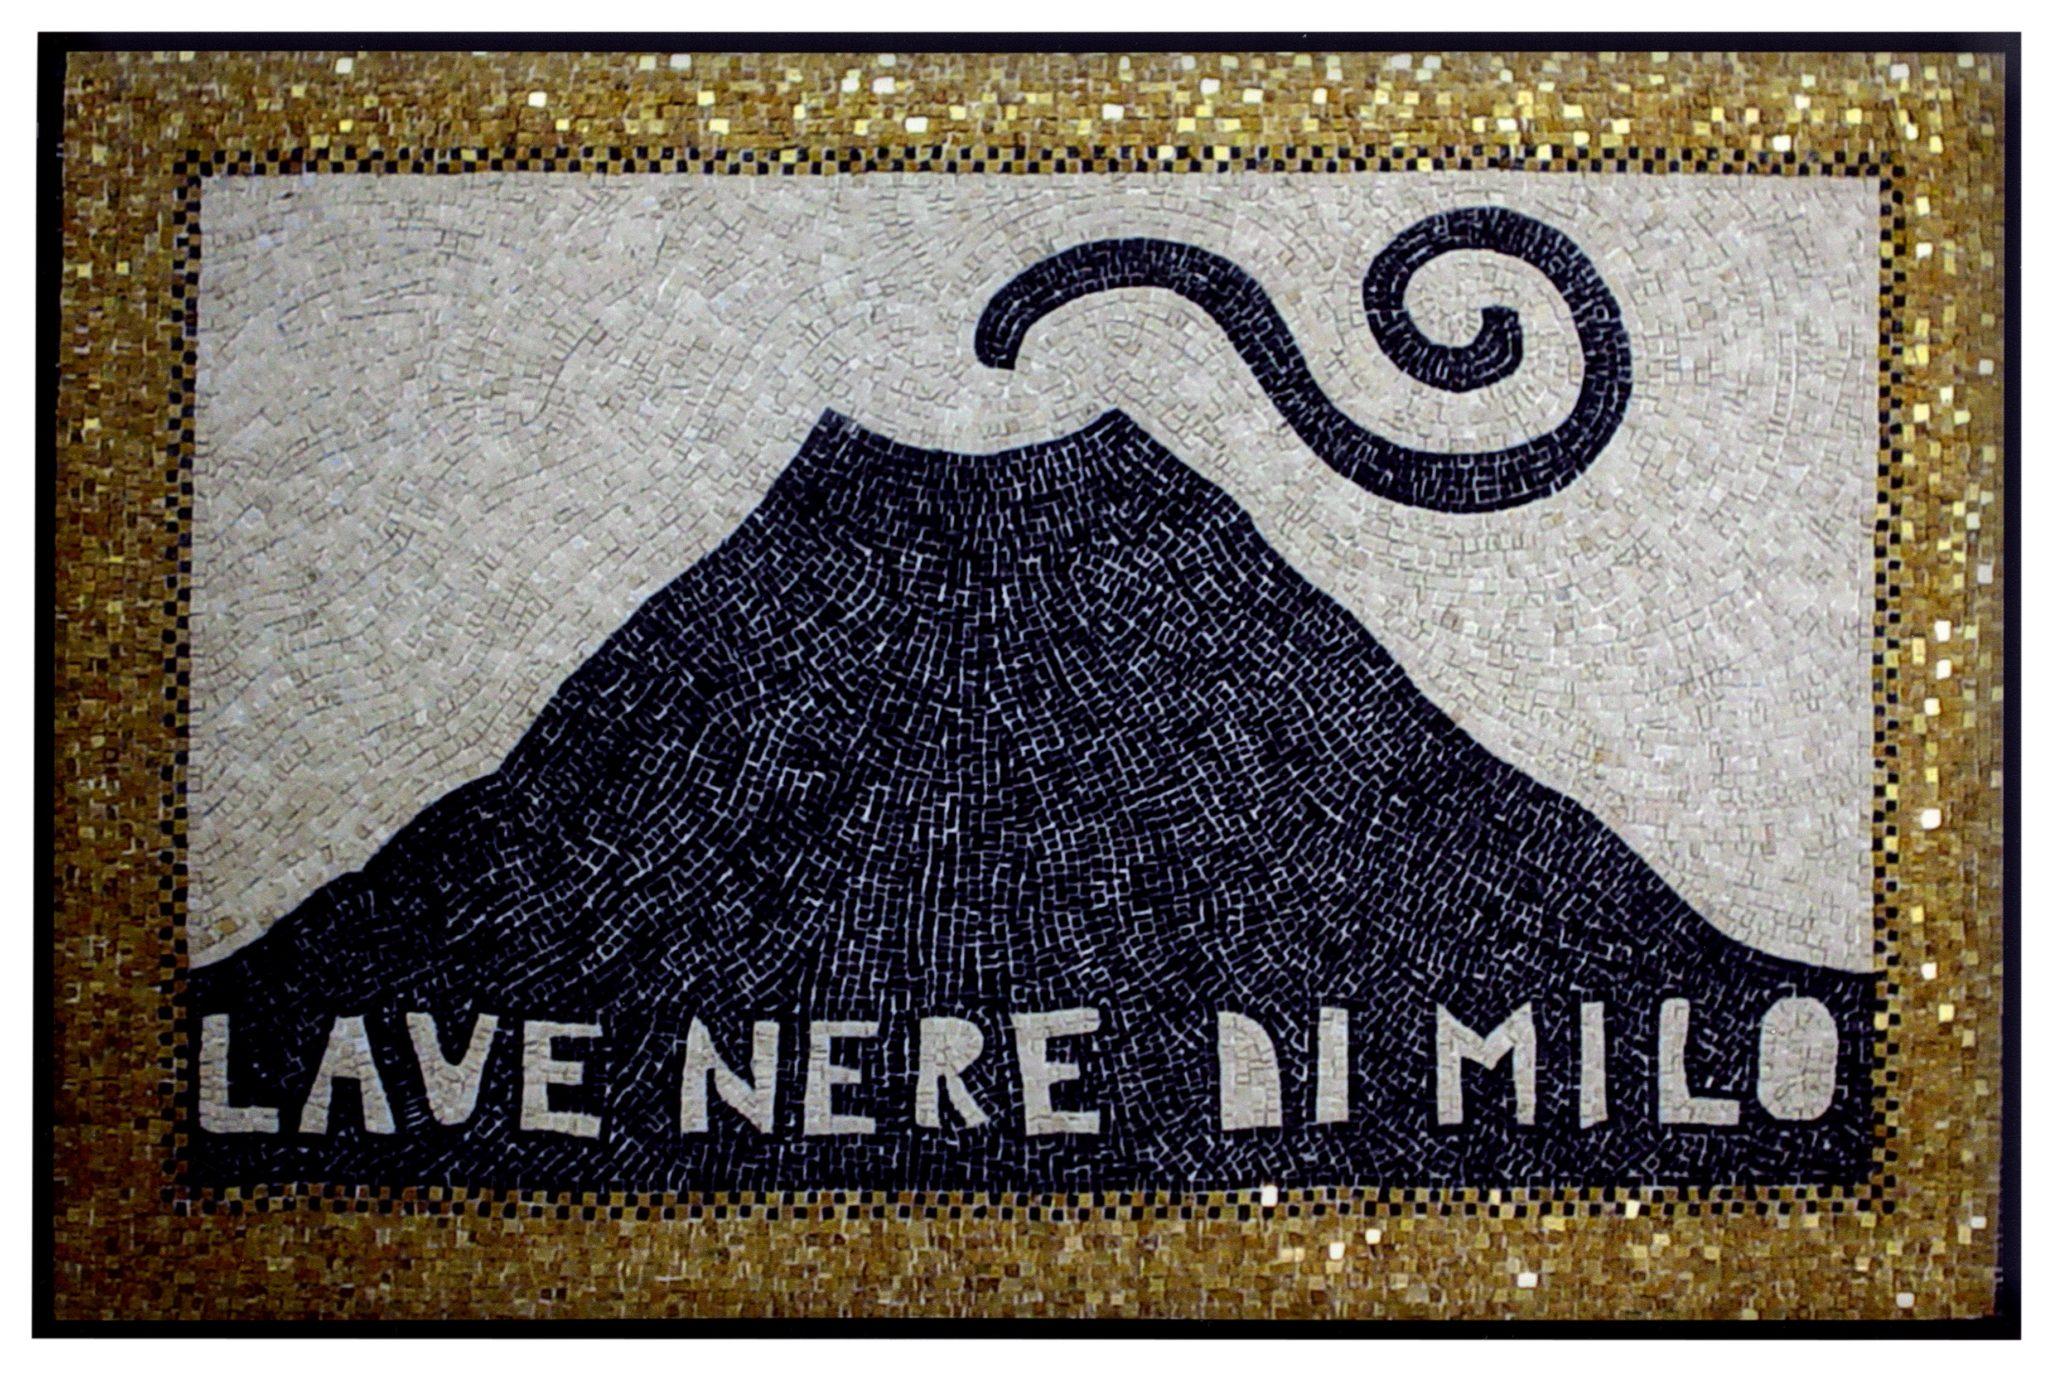 Lave nere di Milo, 2003 mosaico su supporto sintetico flessibile (pietre, smalti e oro) 100 × 150 cm